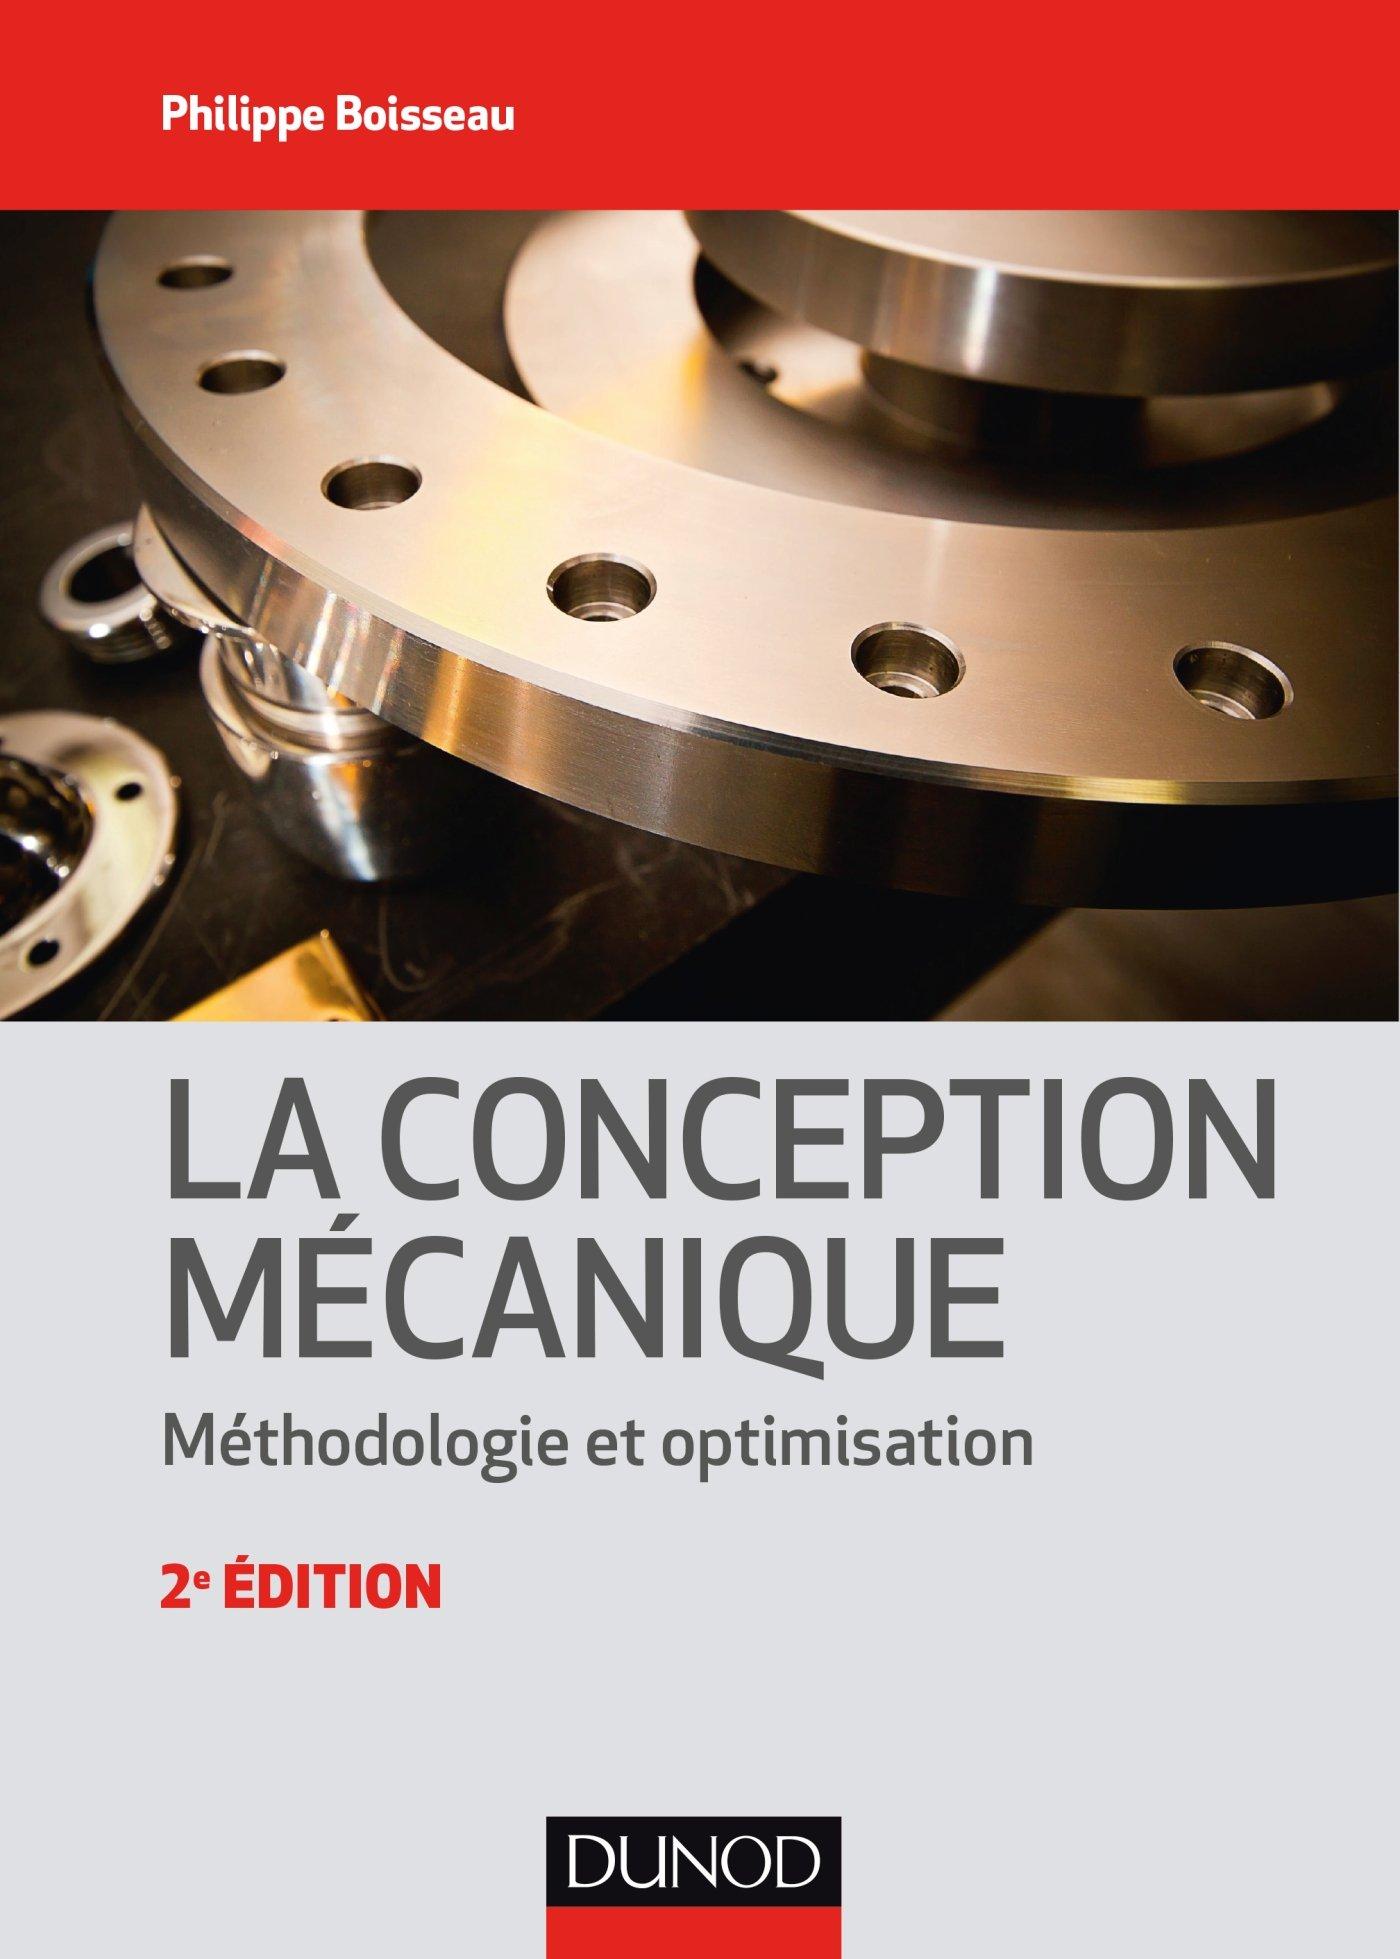 TELECHARGER MAGAZINE LA CONCEPTION MÉCANIQUE : MÉTHODOLOGIE ET OPTIMISATION - 2E ÉD